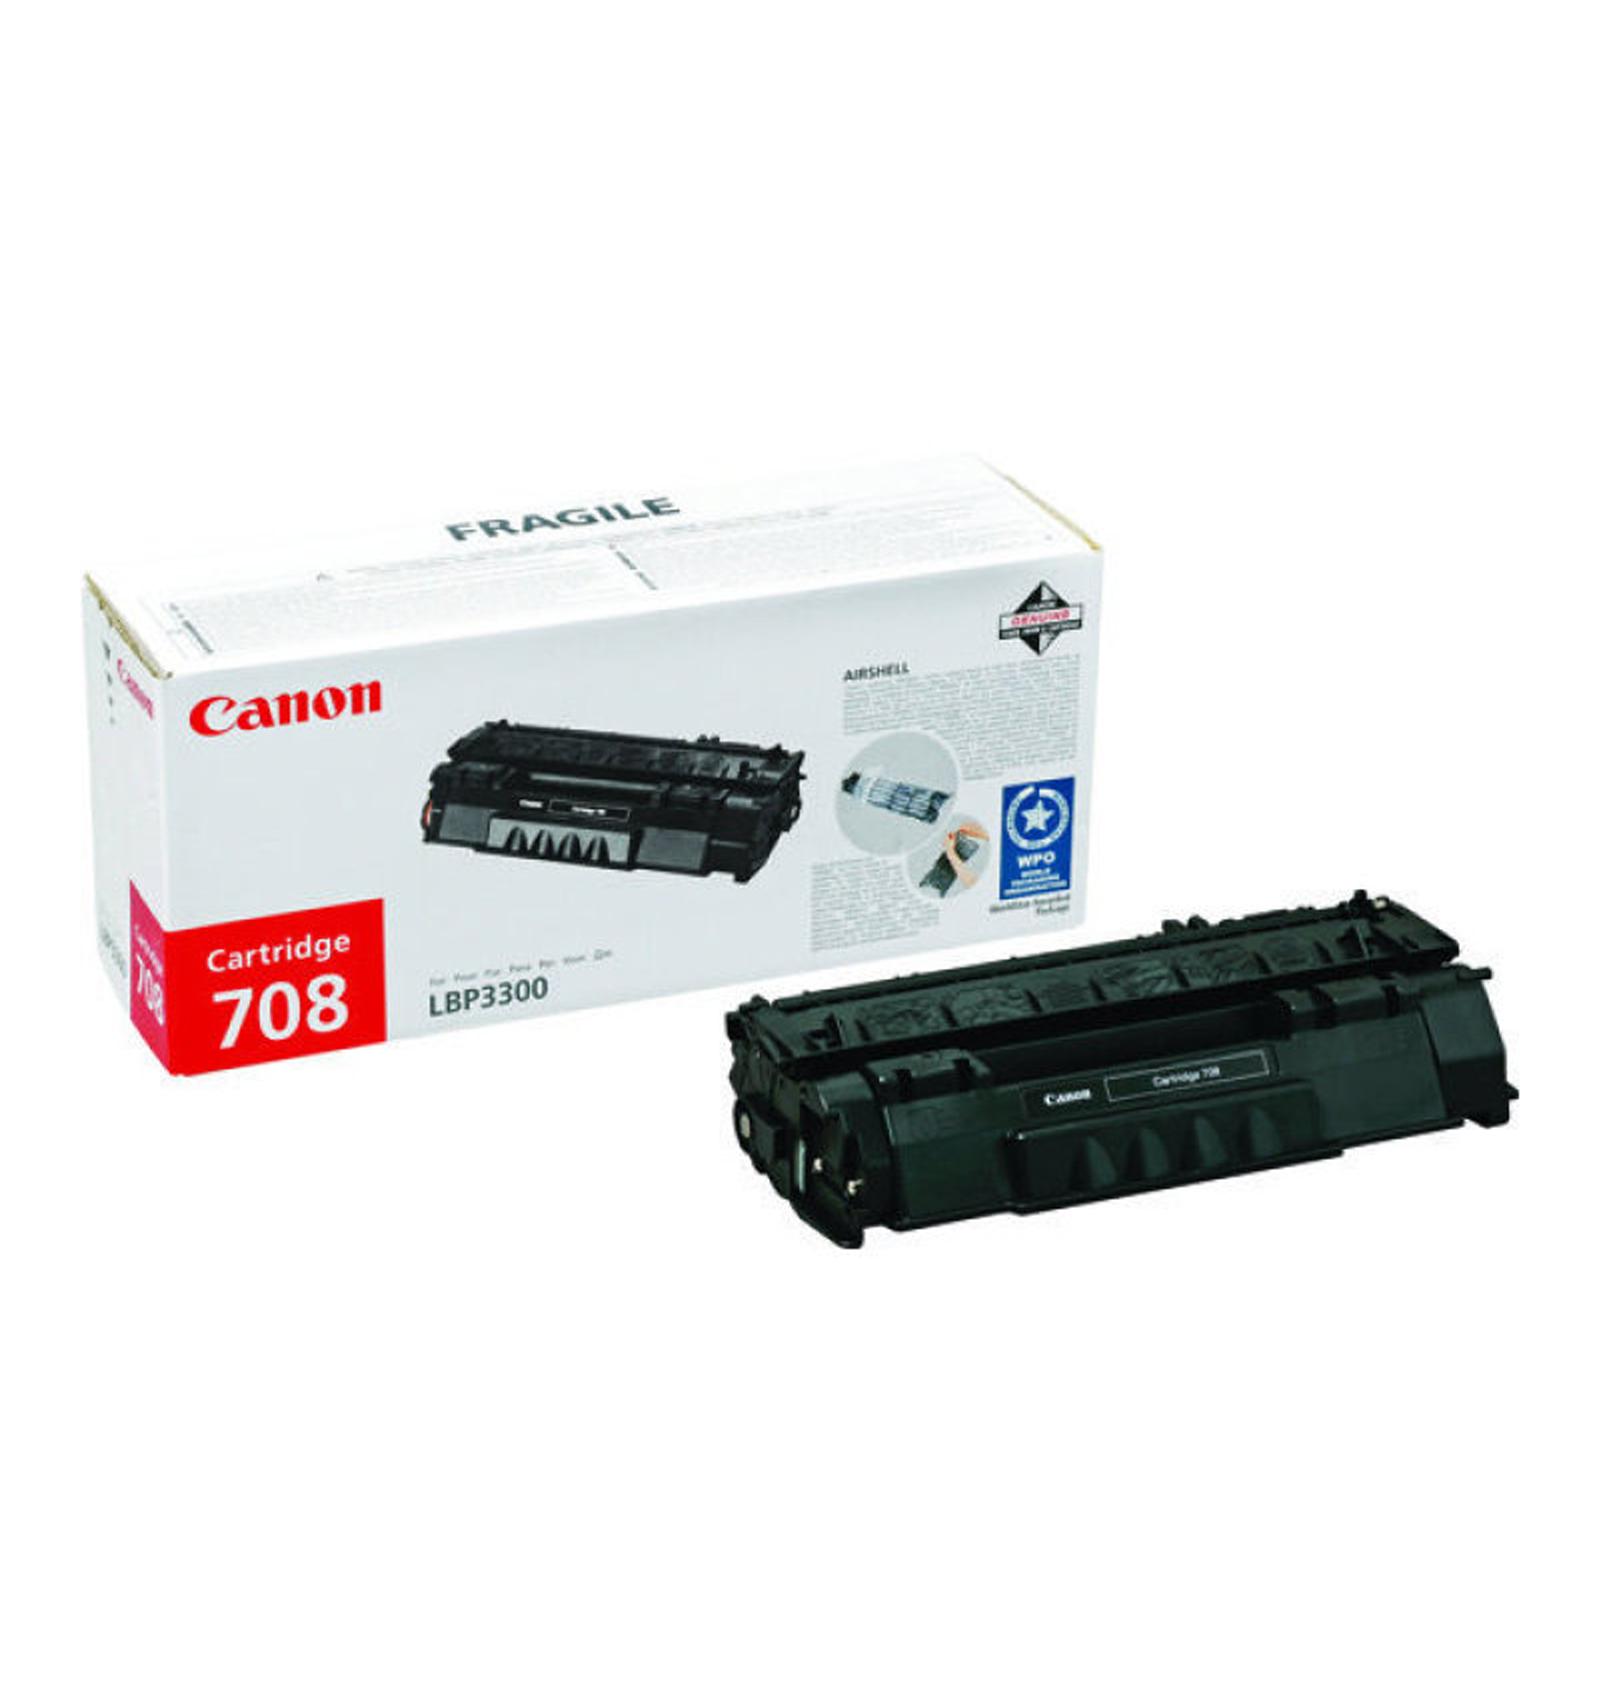 Заправка тонером картриджа Canon 708 для LBP 3300/3360